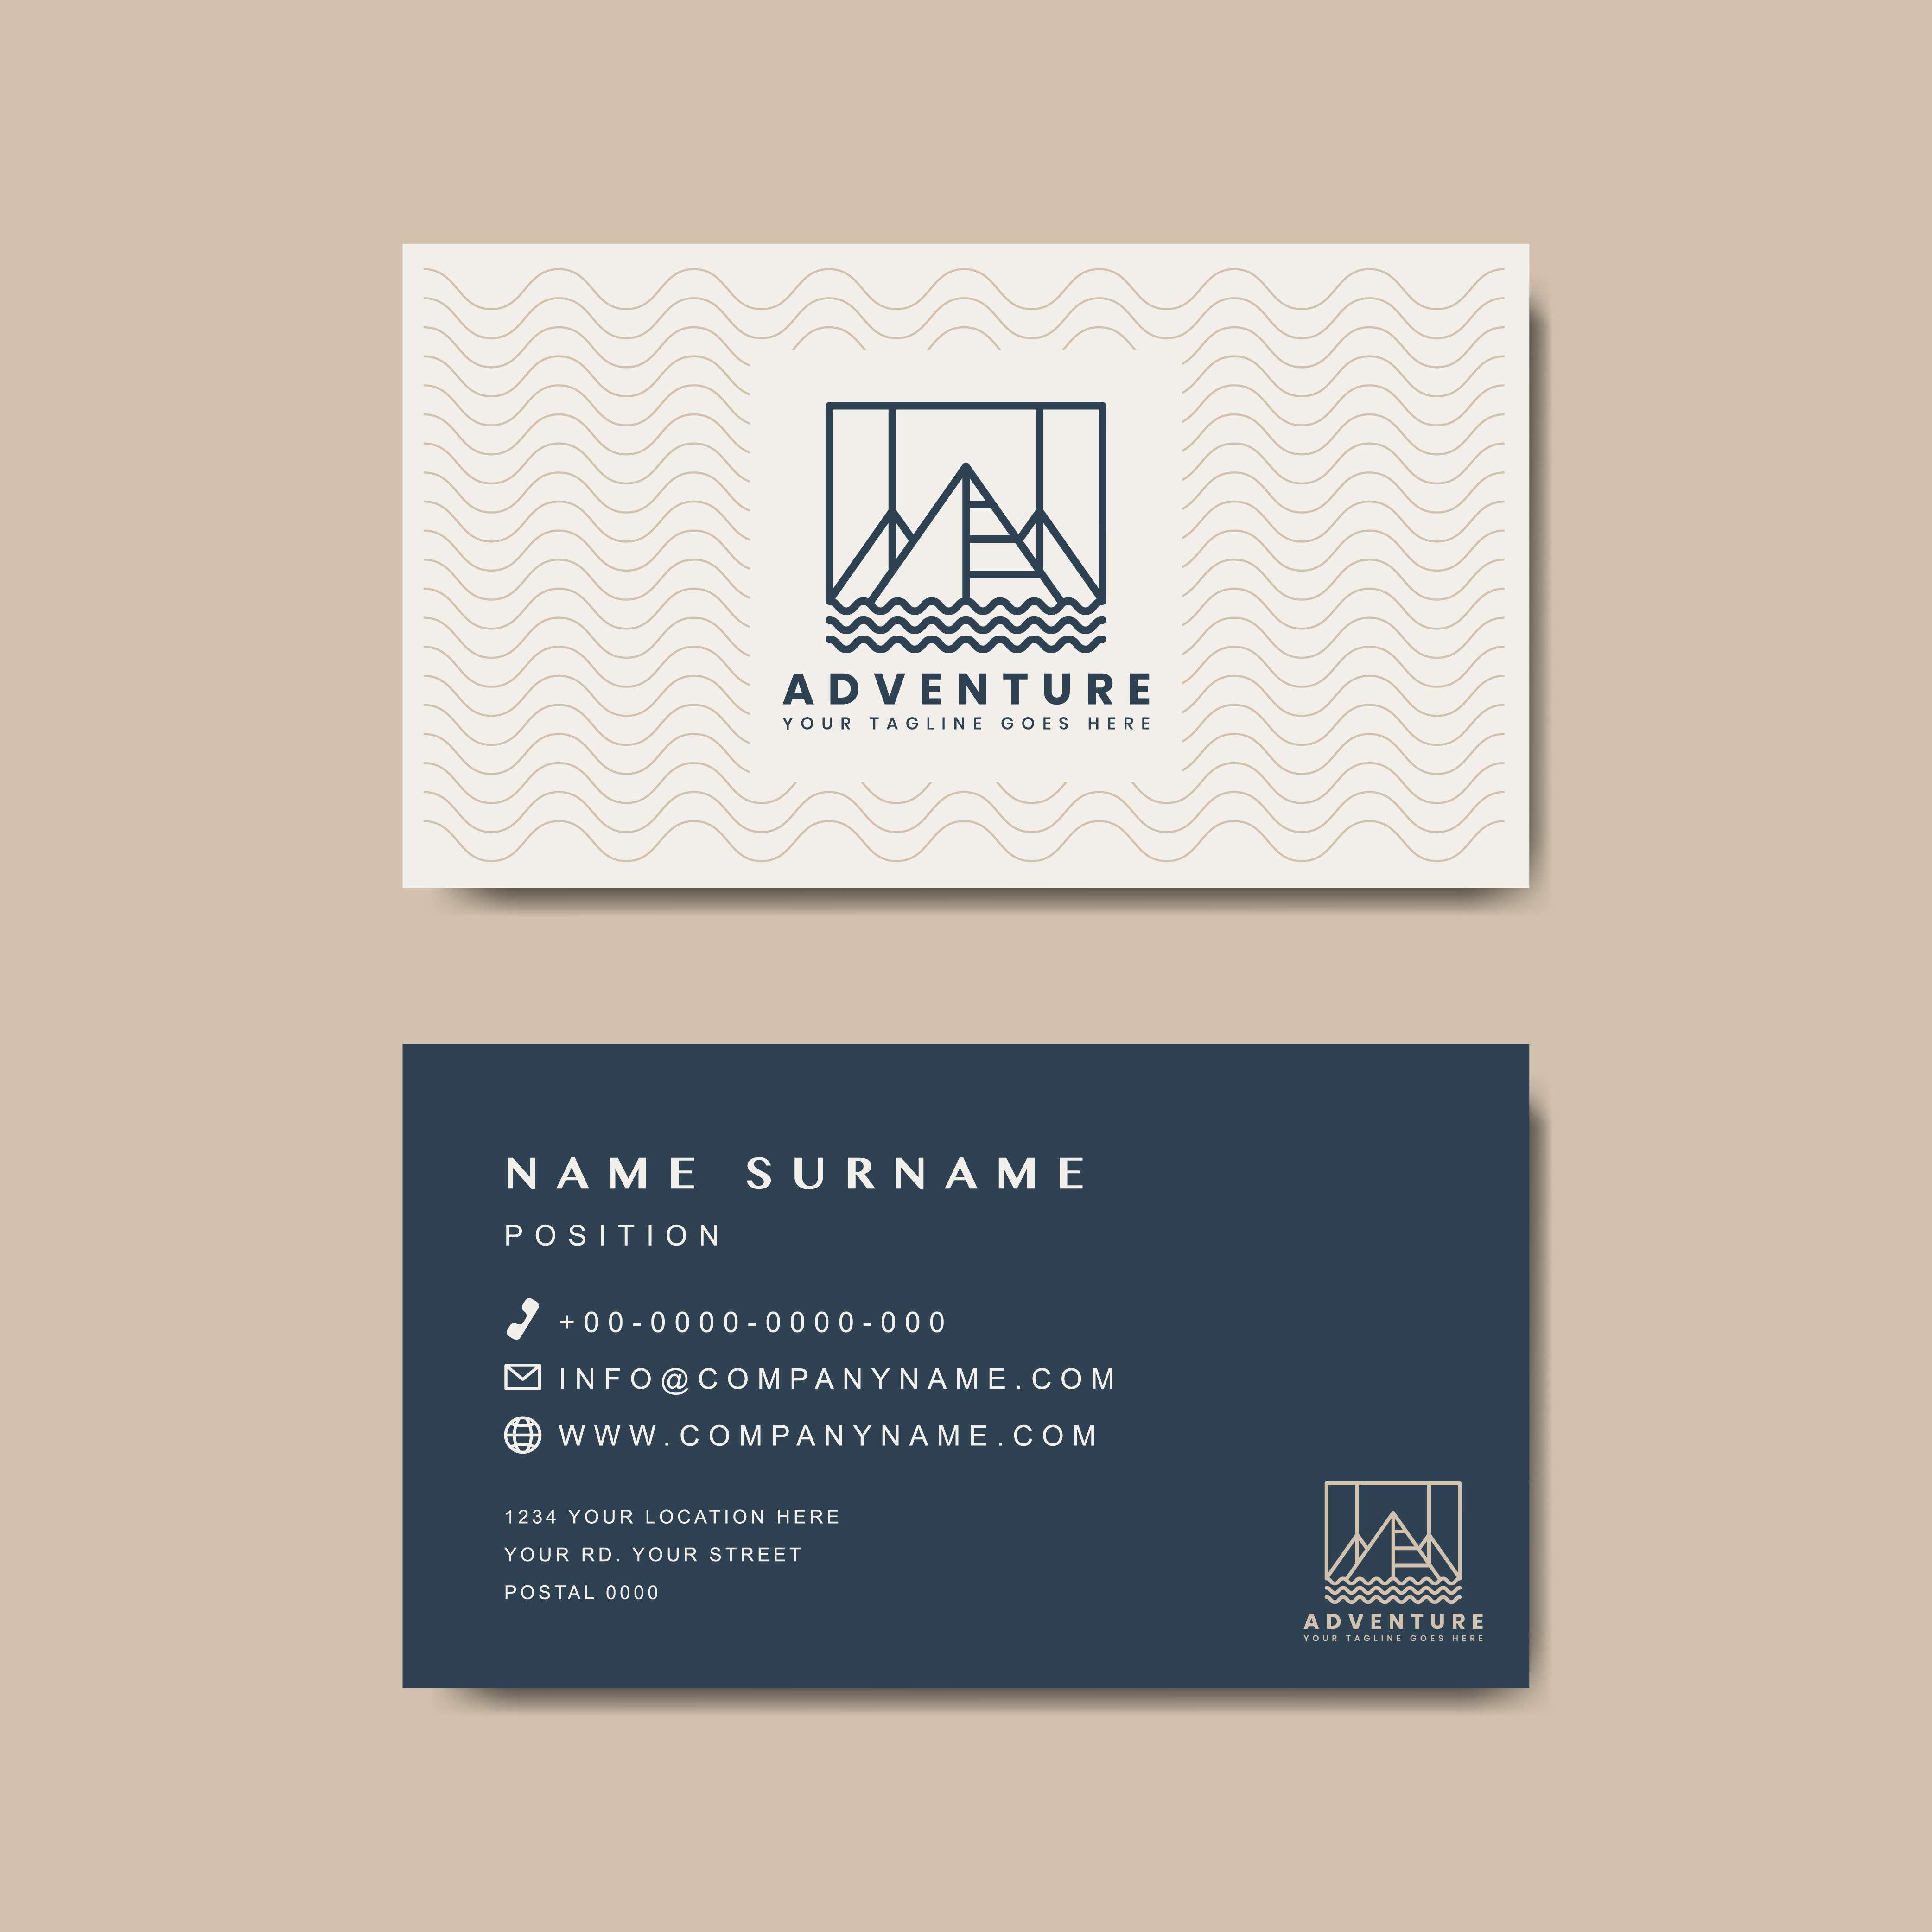 Thiết kế và in ấn name card cần lưu ý những gì?